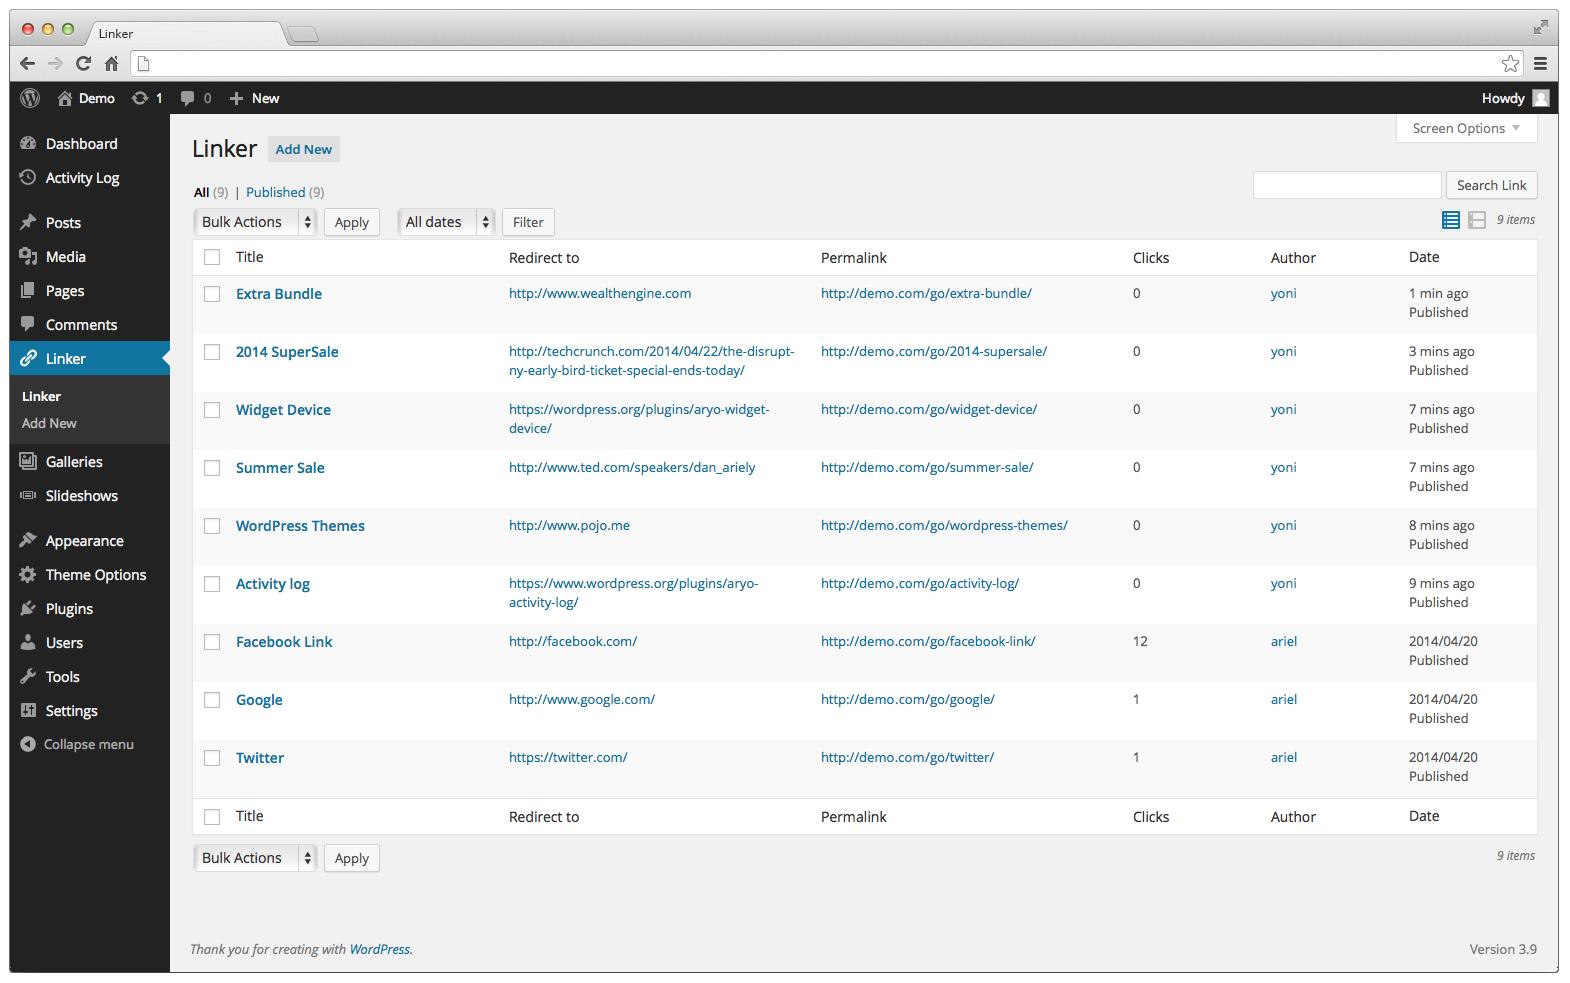 リンクがクリックされた回数を計測できるプラグイン「Linker」の画像|Knowledge Base